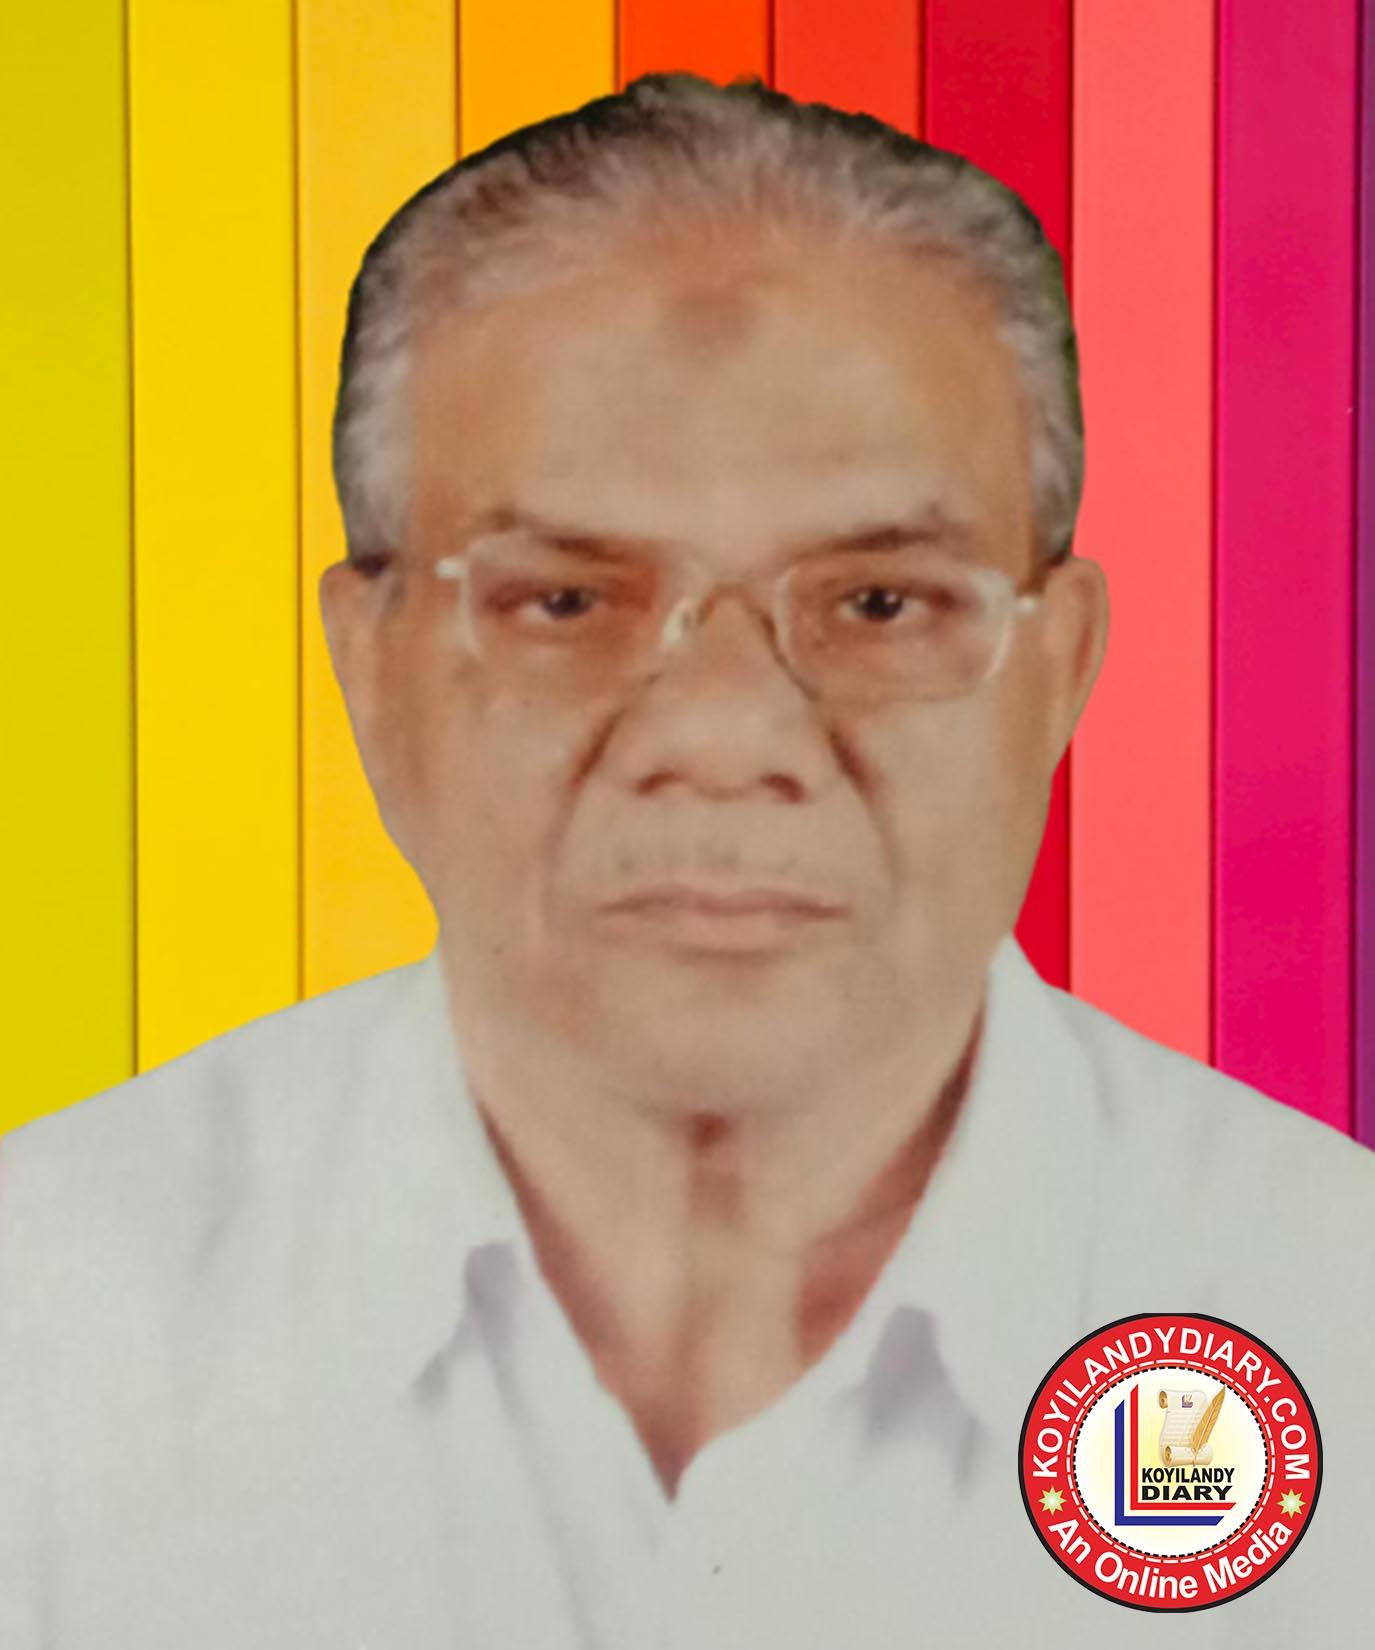 കീഴരിയൂർ ഫിർദൗസ് കുഞ്ഞിമൊയ്തി( 73)